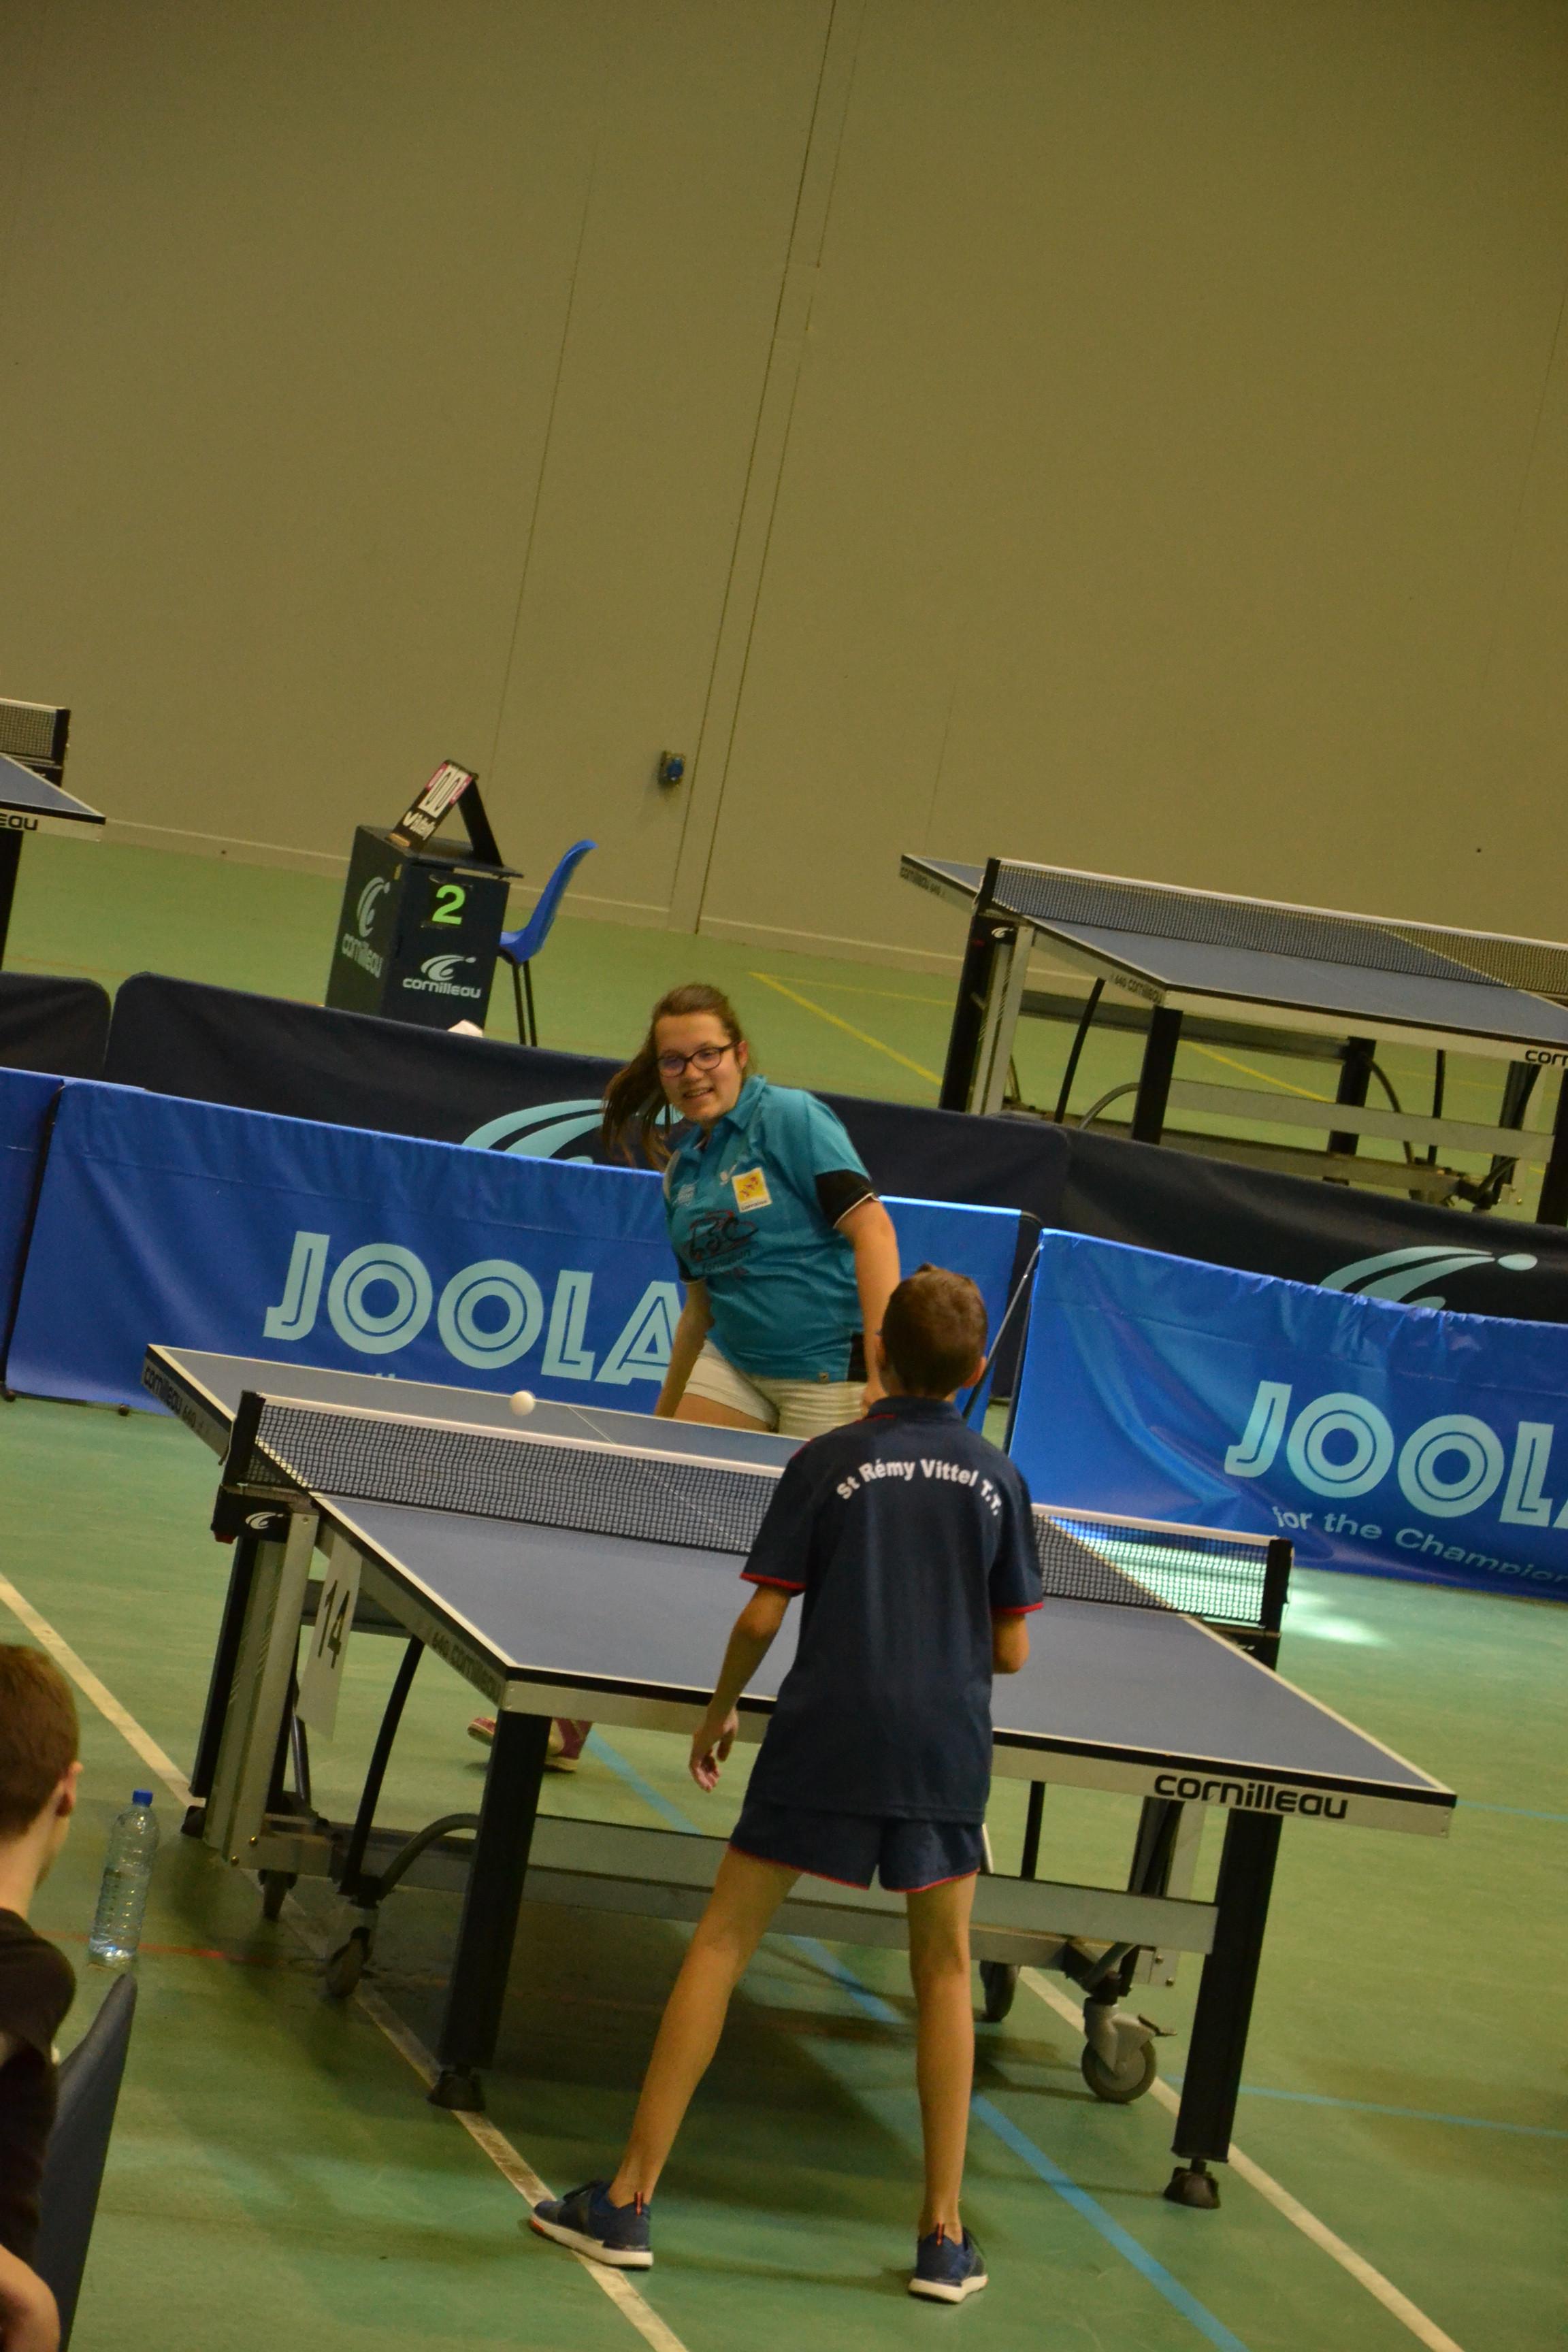 Vittel set gagnant pour le tournoi populaire de tennis - Comite departemental de tennis de table ...